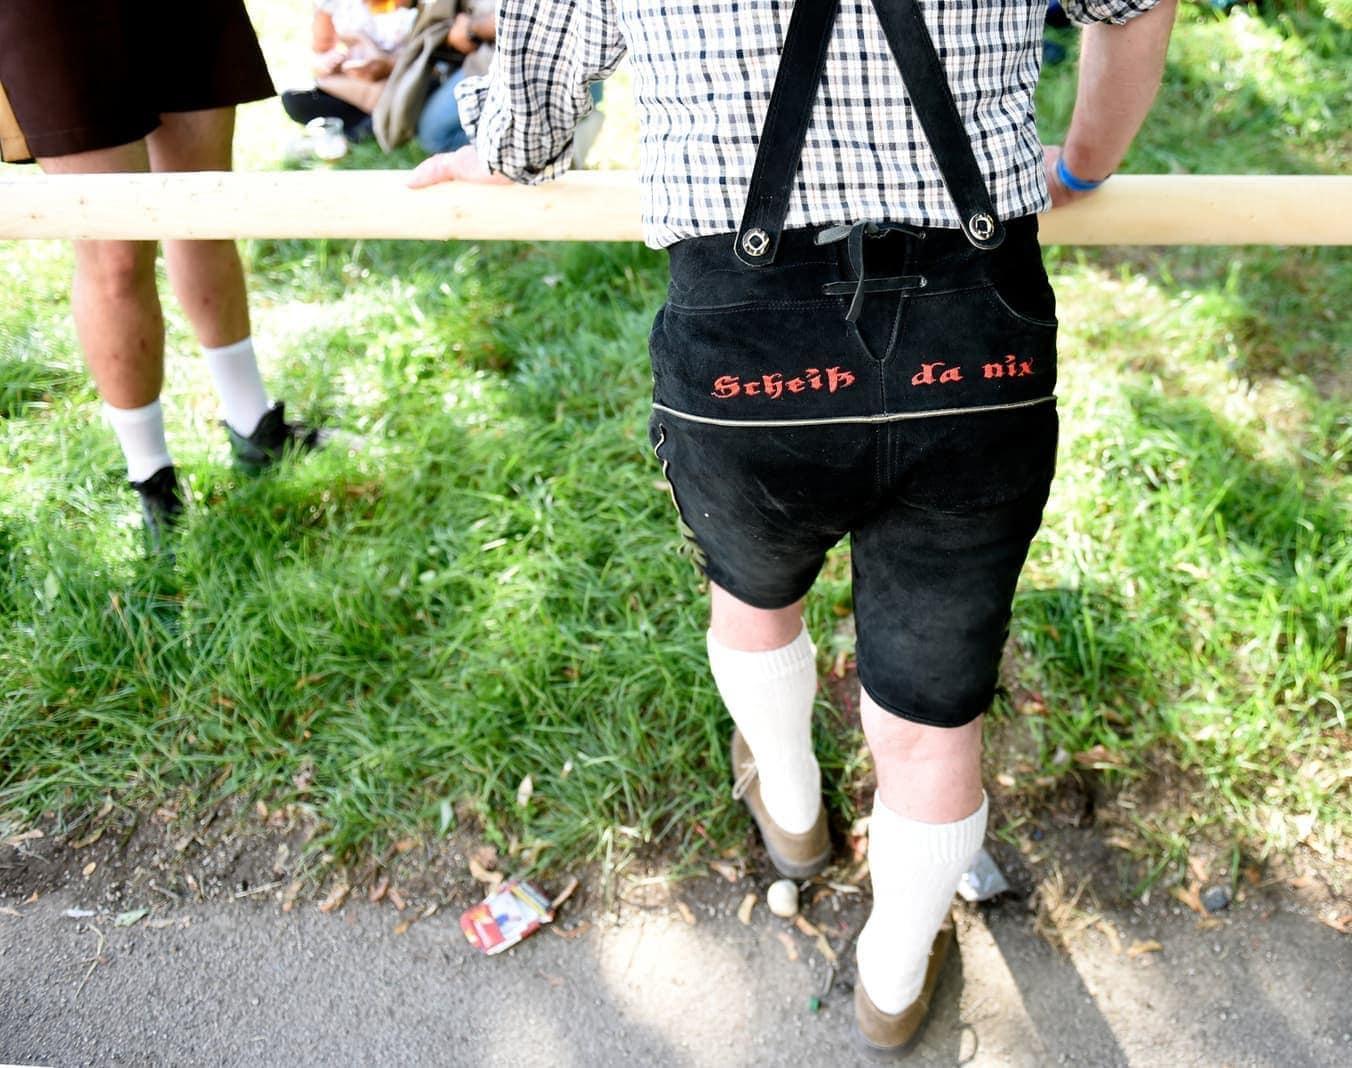 <p>Wichtig sind auch immer die Kommandos auf der Lederhose.</p> Foto: dpa